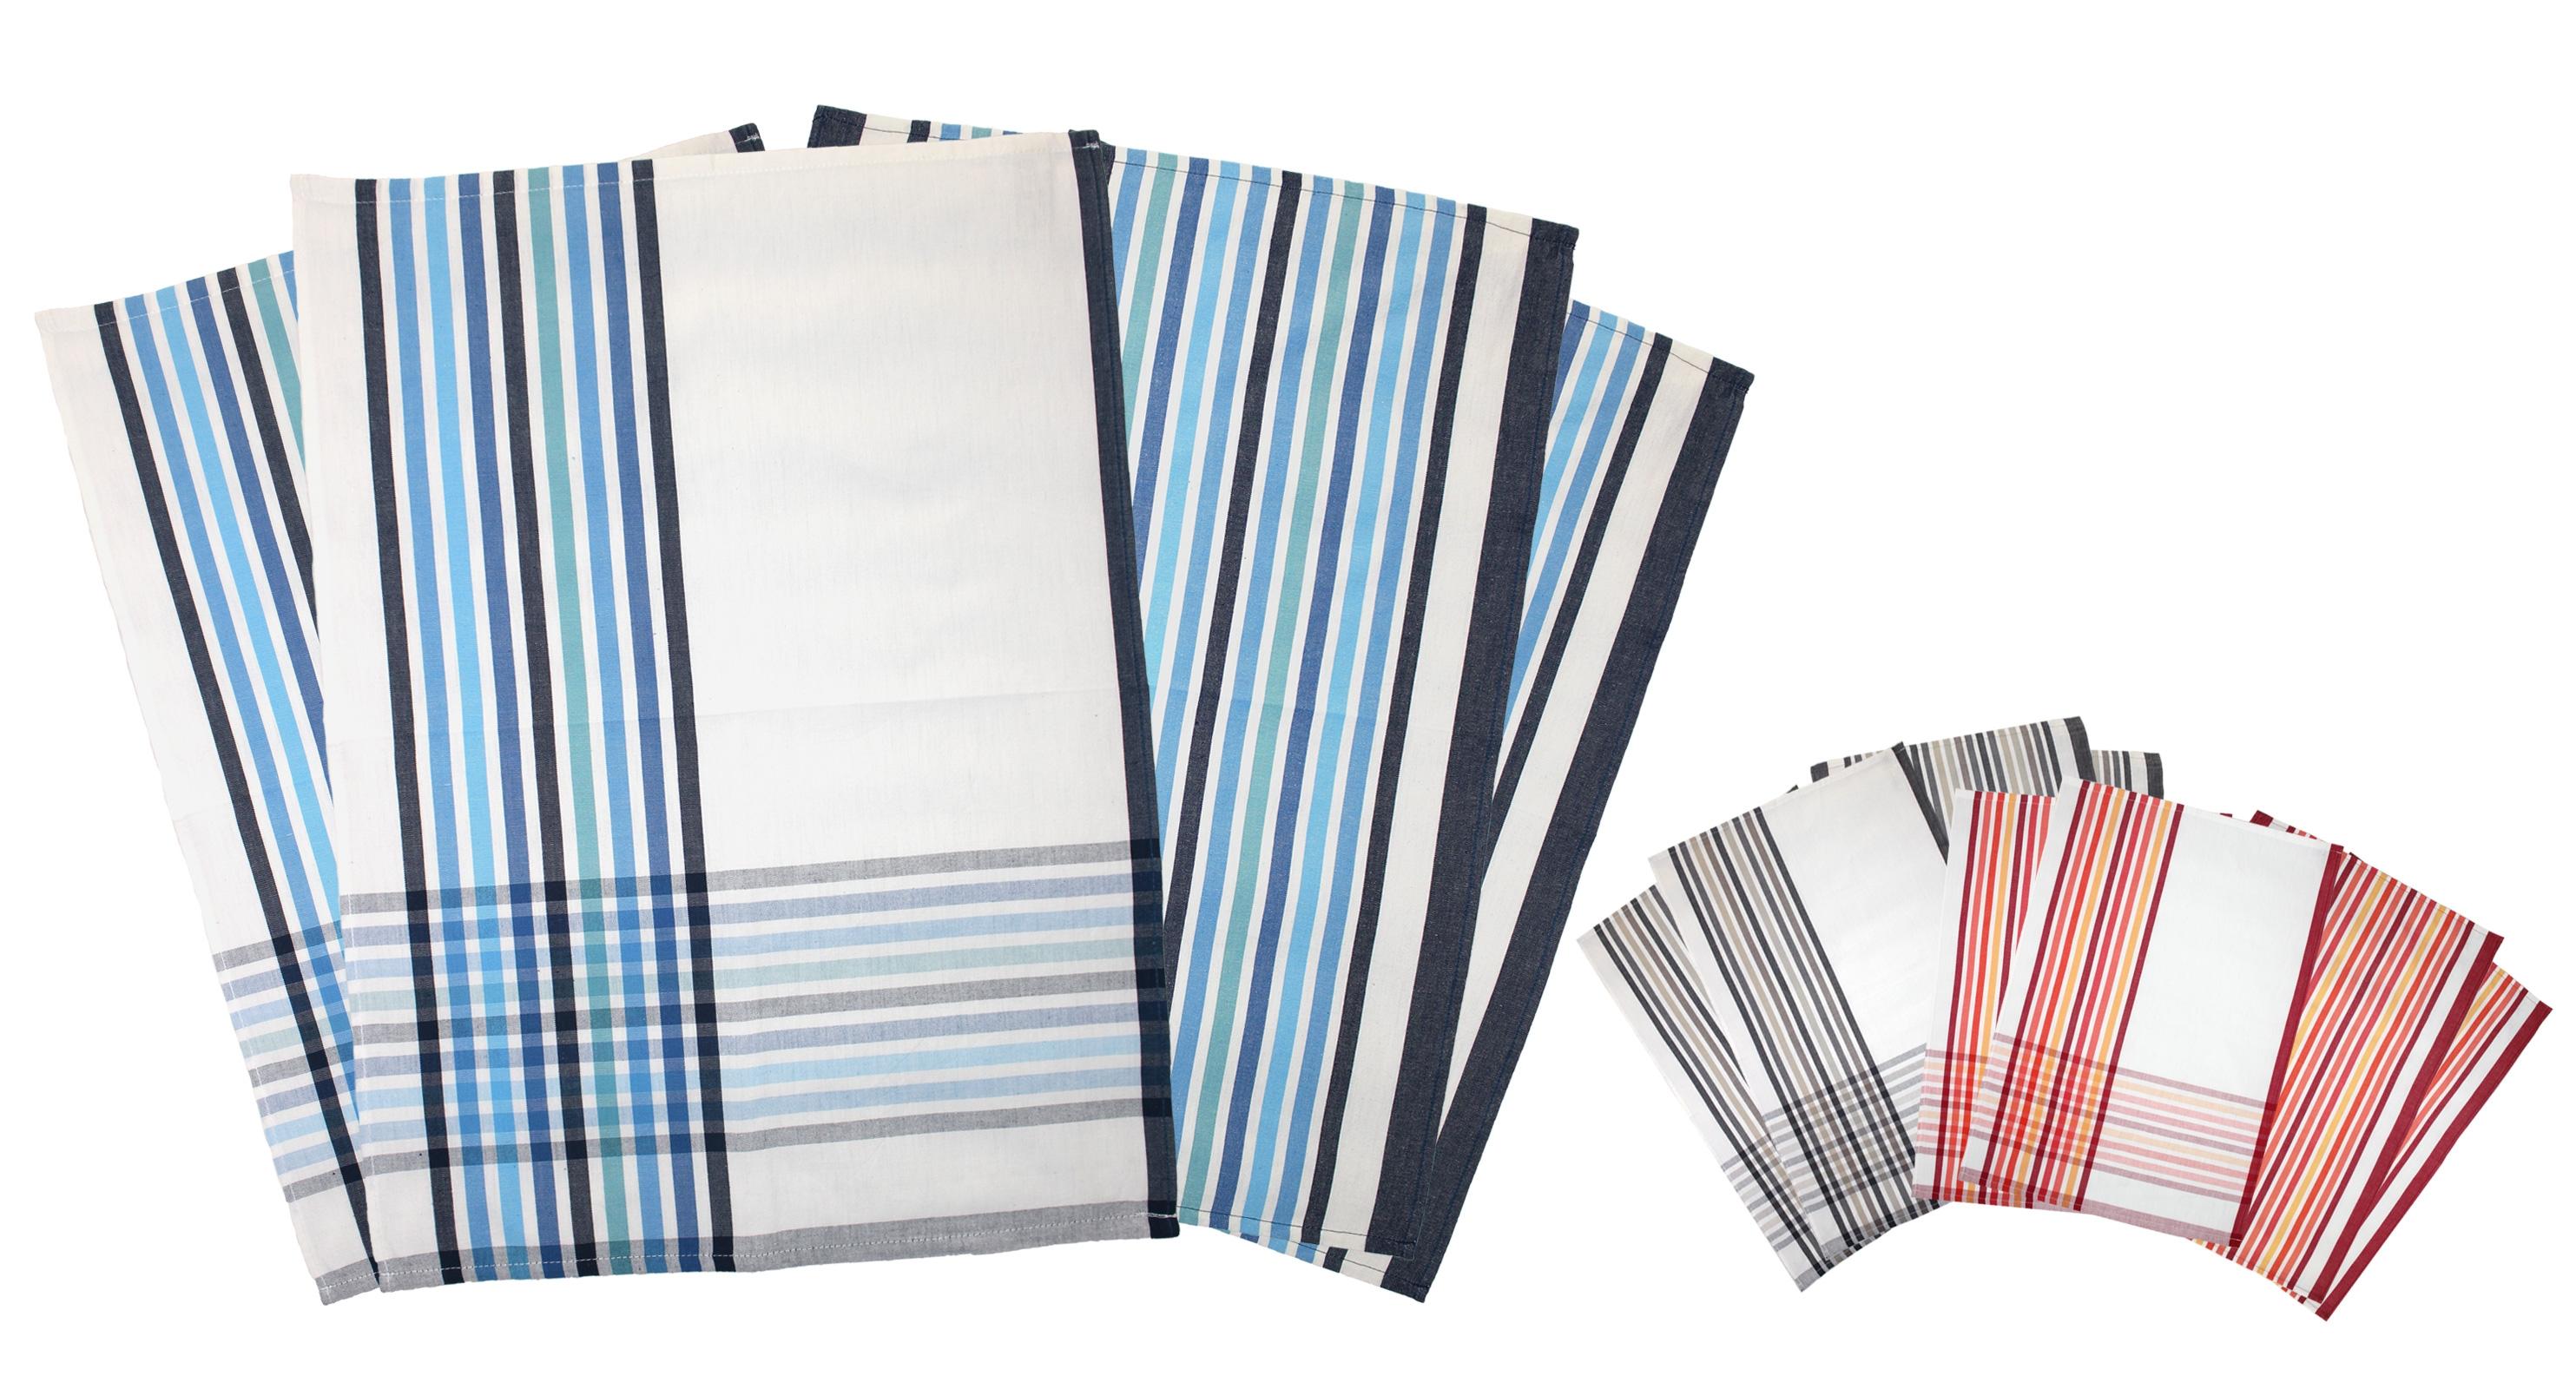 Küchentextilien - 4er Pack Geschirrtücher gestreift 50x70 cm 100 Baumwolle Emozioni casa verschiedene Farben  - Onlineshop PremiumShop321